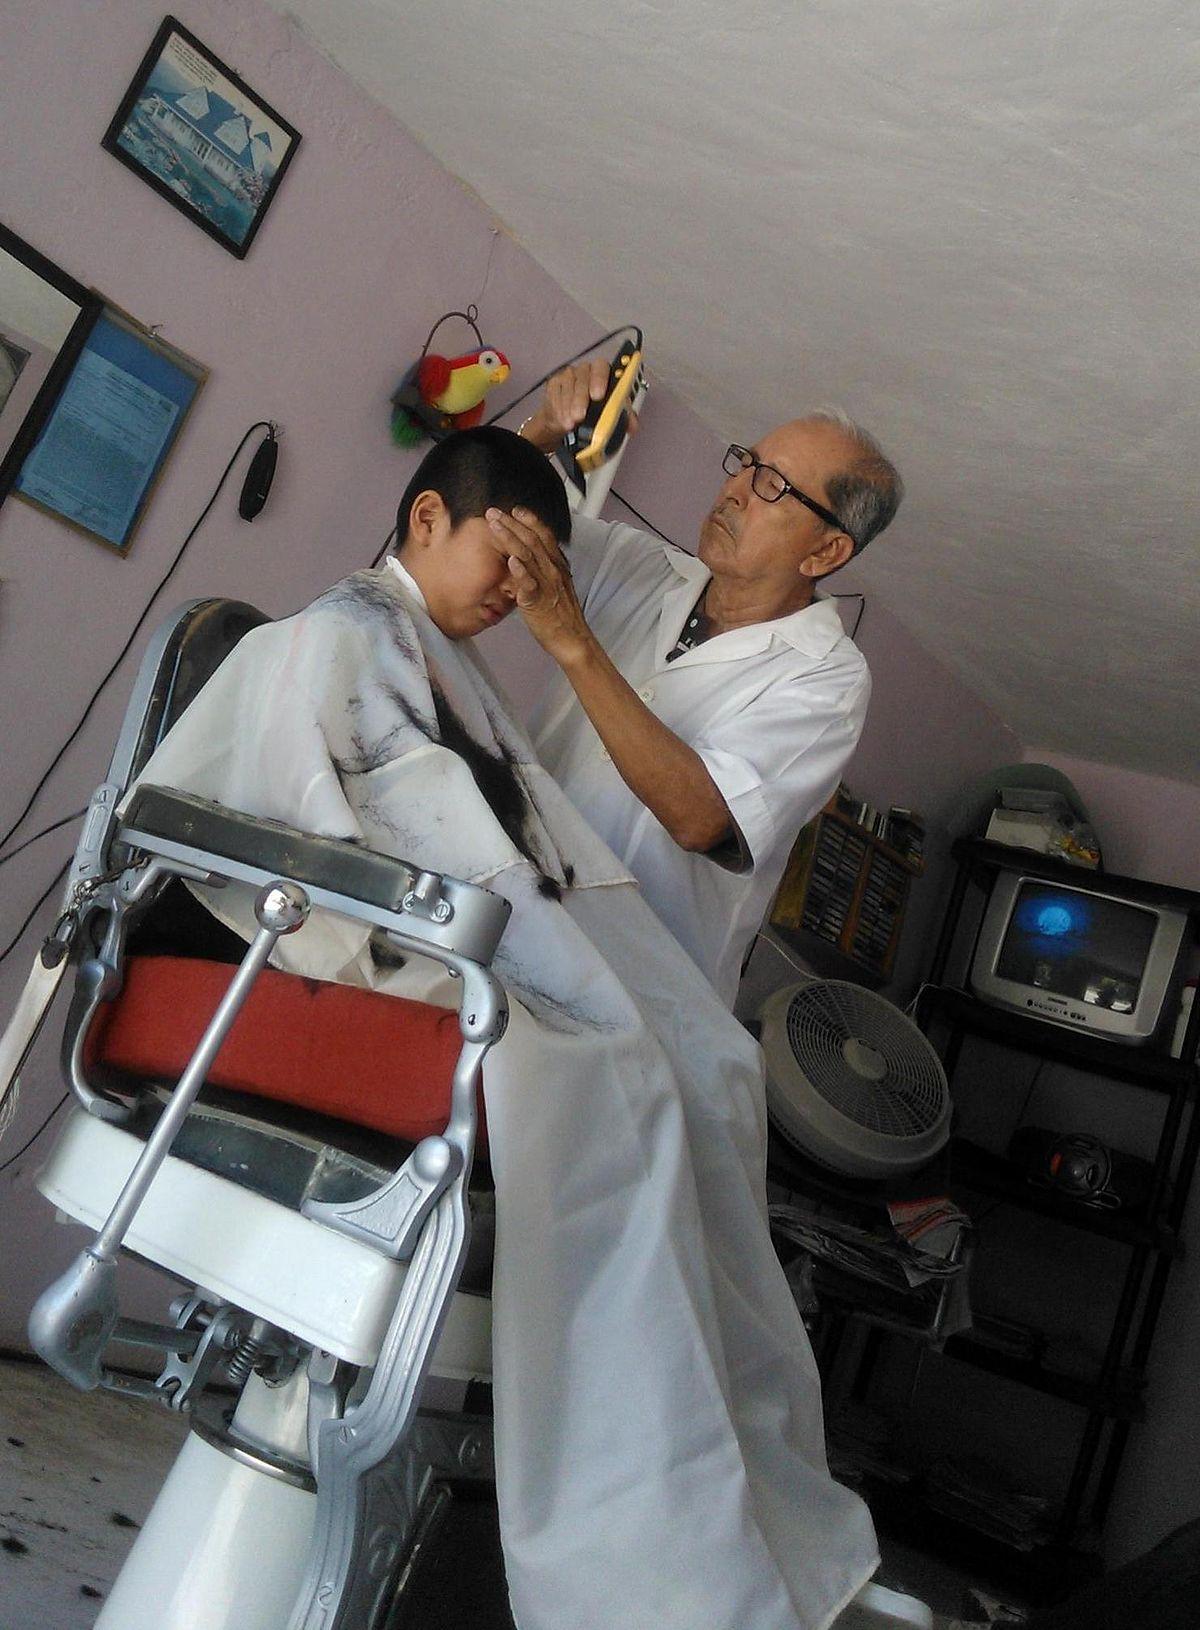 para estudiar peluqueria gratis